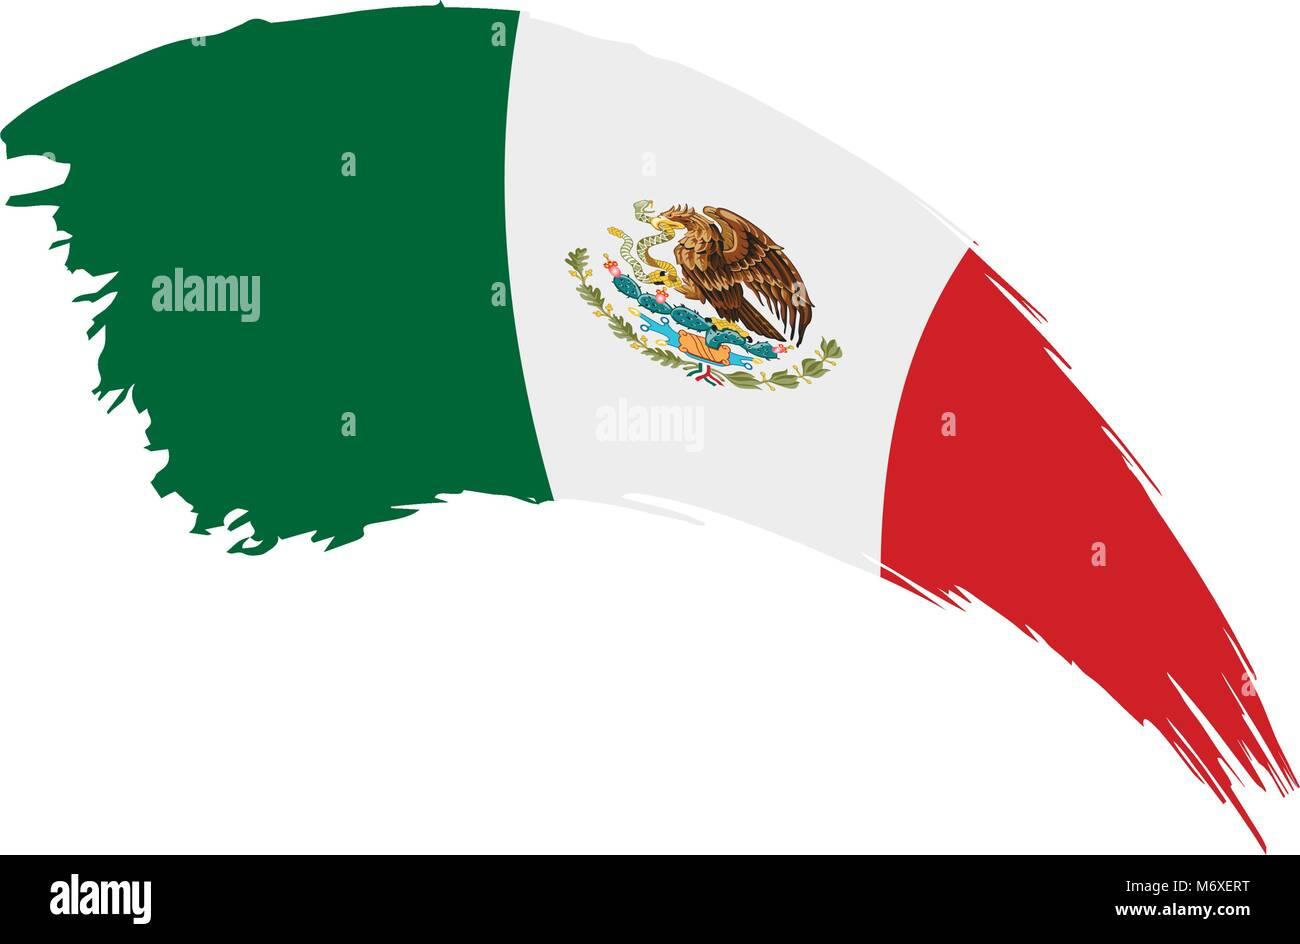 Fein Mexiko Flagge Färbung Seite Galerie - Malvorlagen Von Tieren ...